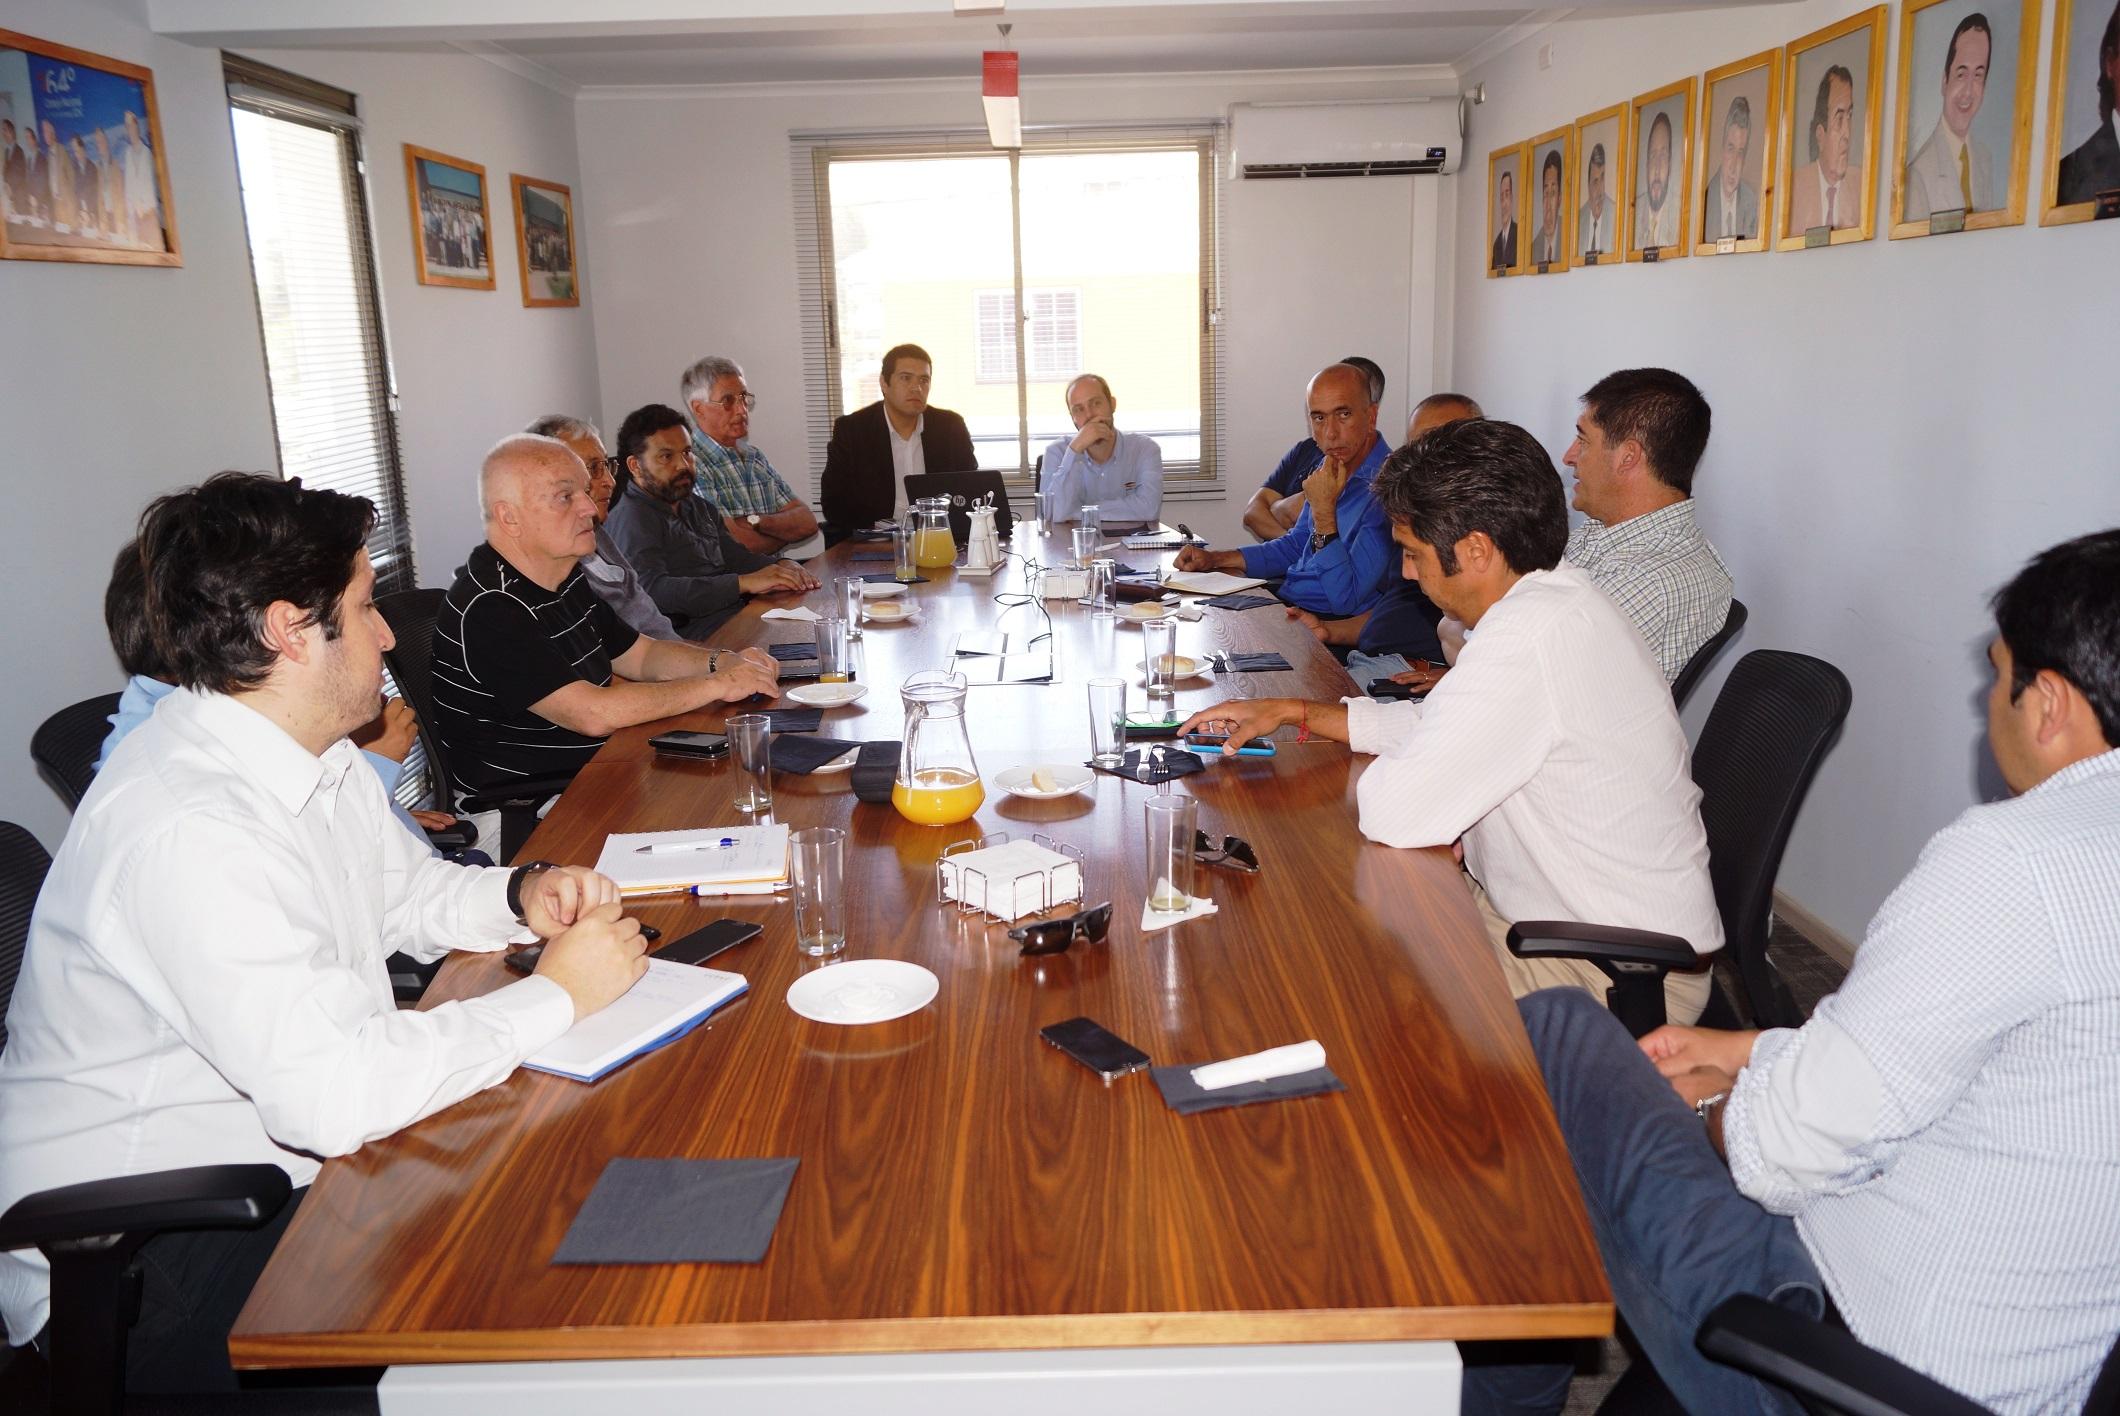 Se realizó reunión entre CChC Copiapó, Aguas Chañar y Serviu noticias